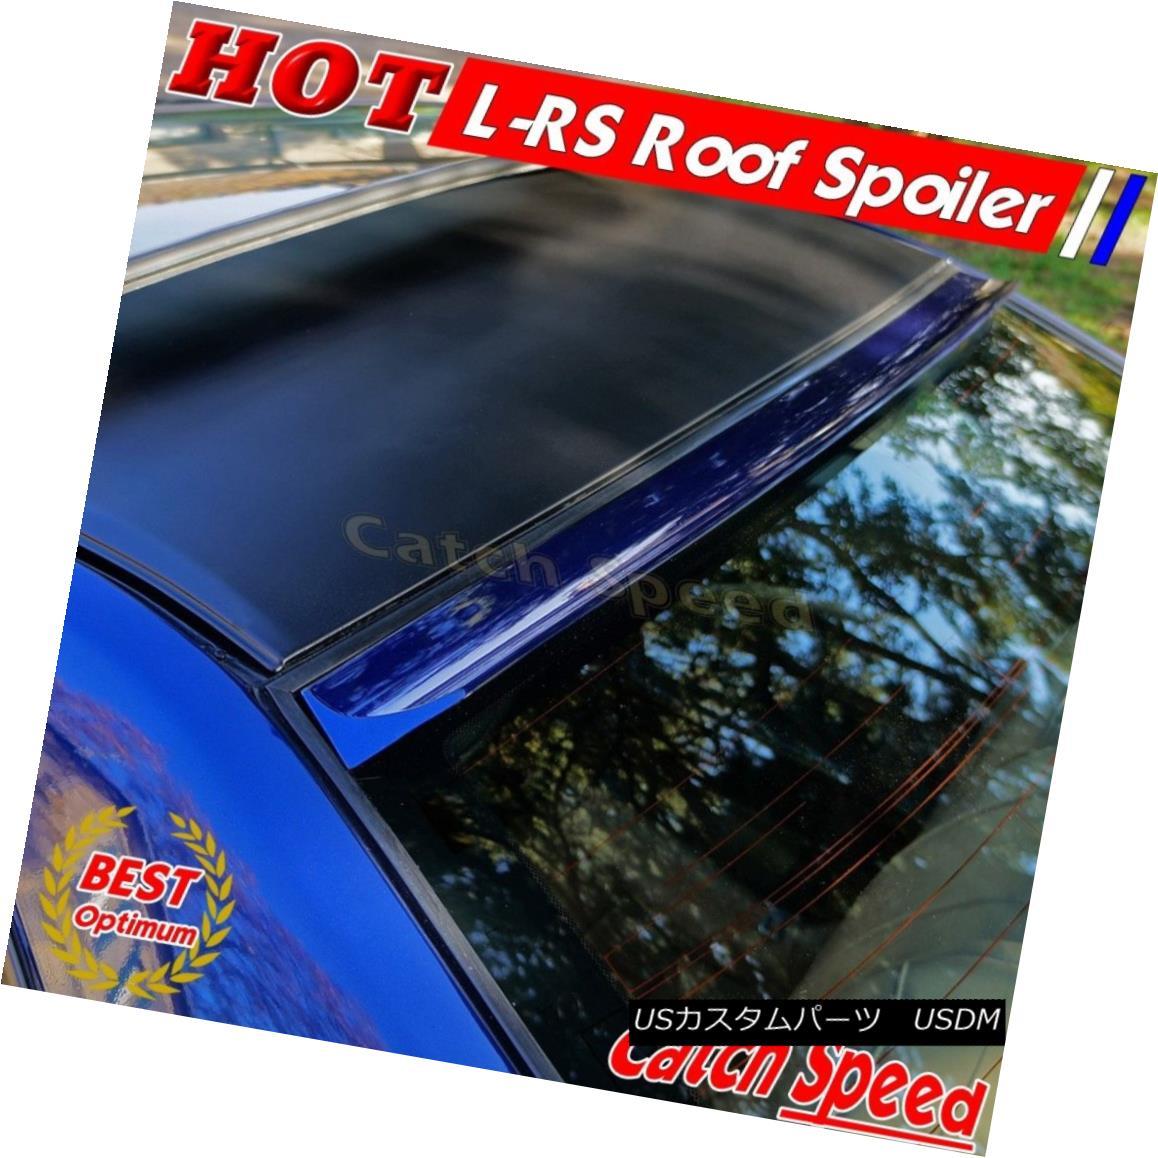 エアロパーツ Flat Black LRS Style Rear Roof Spoiler Win For Ford BF Falcon 6th XR8 2008-2009 フラットブラックLRSスタイルのリアルーフスポイラーがフォードBFファルコンに勝利ファルコン第6回XR8 2008-2009